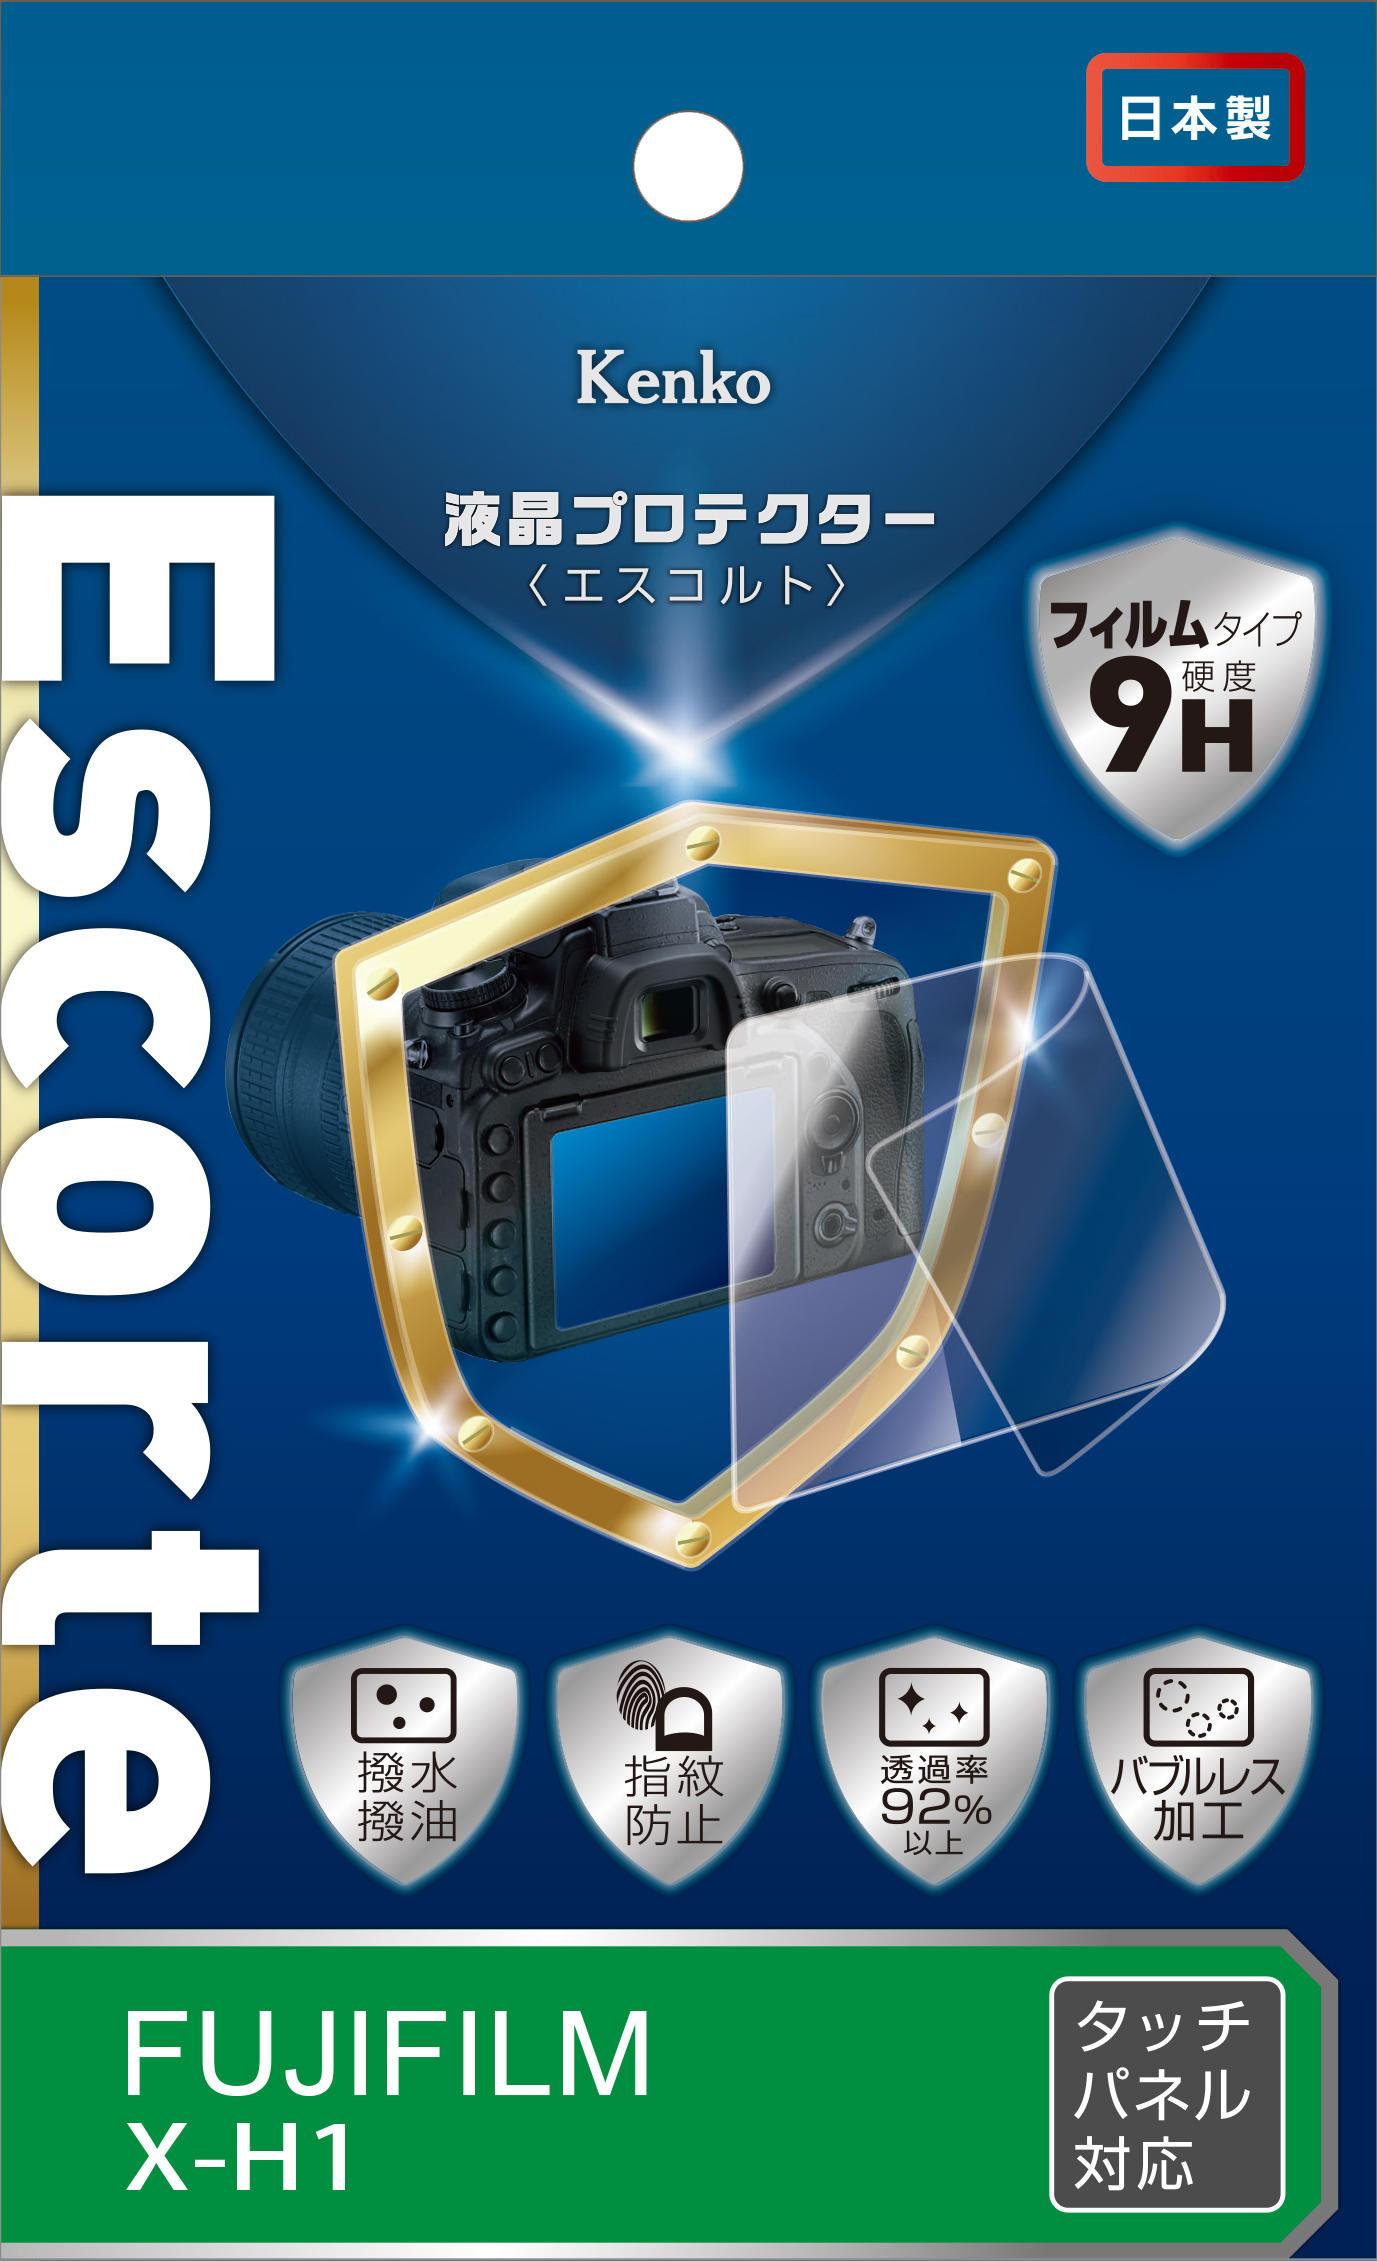 http://www.kenko-tokina.co.jp/imaging/eq/mt-images/4961607091708.jpg